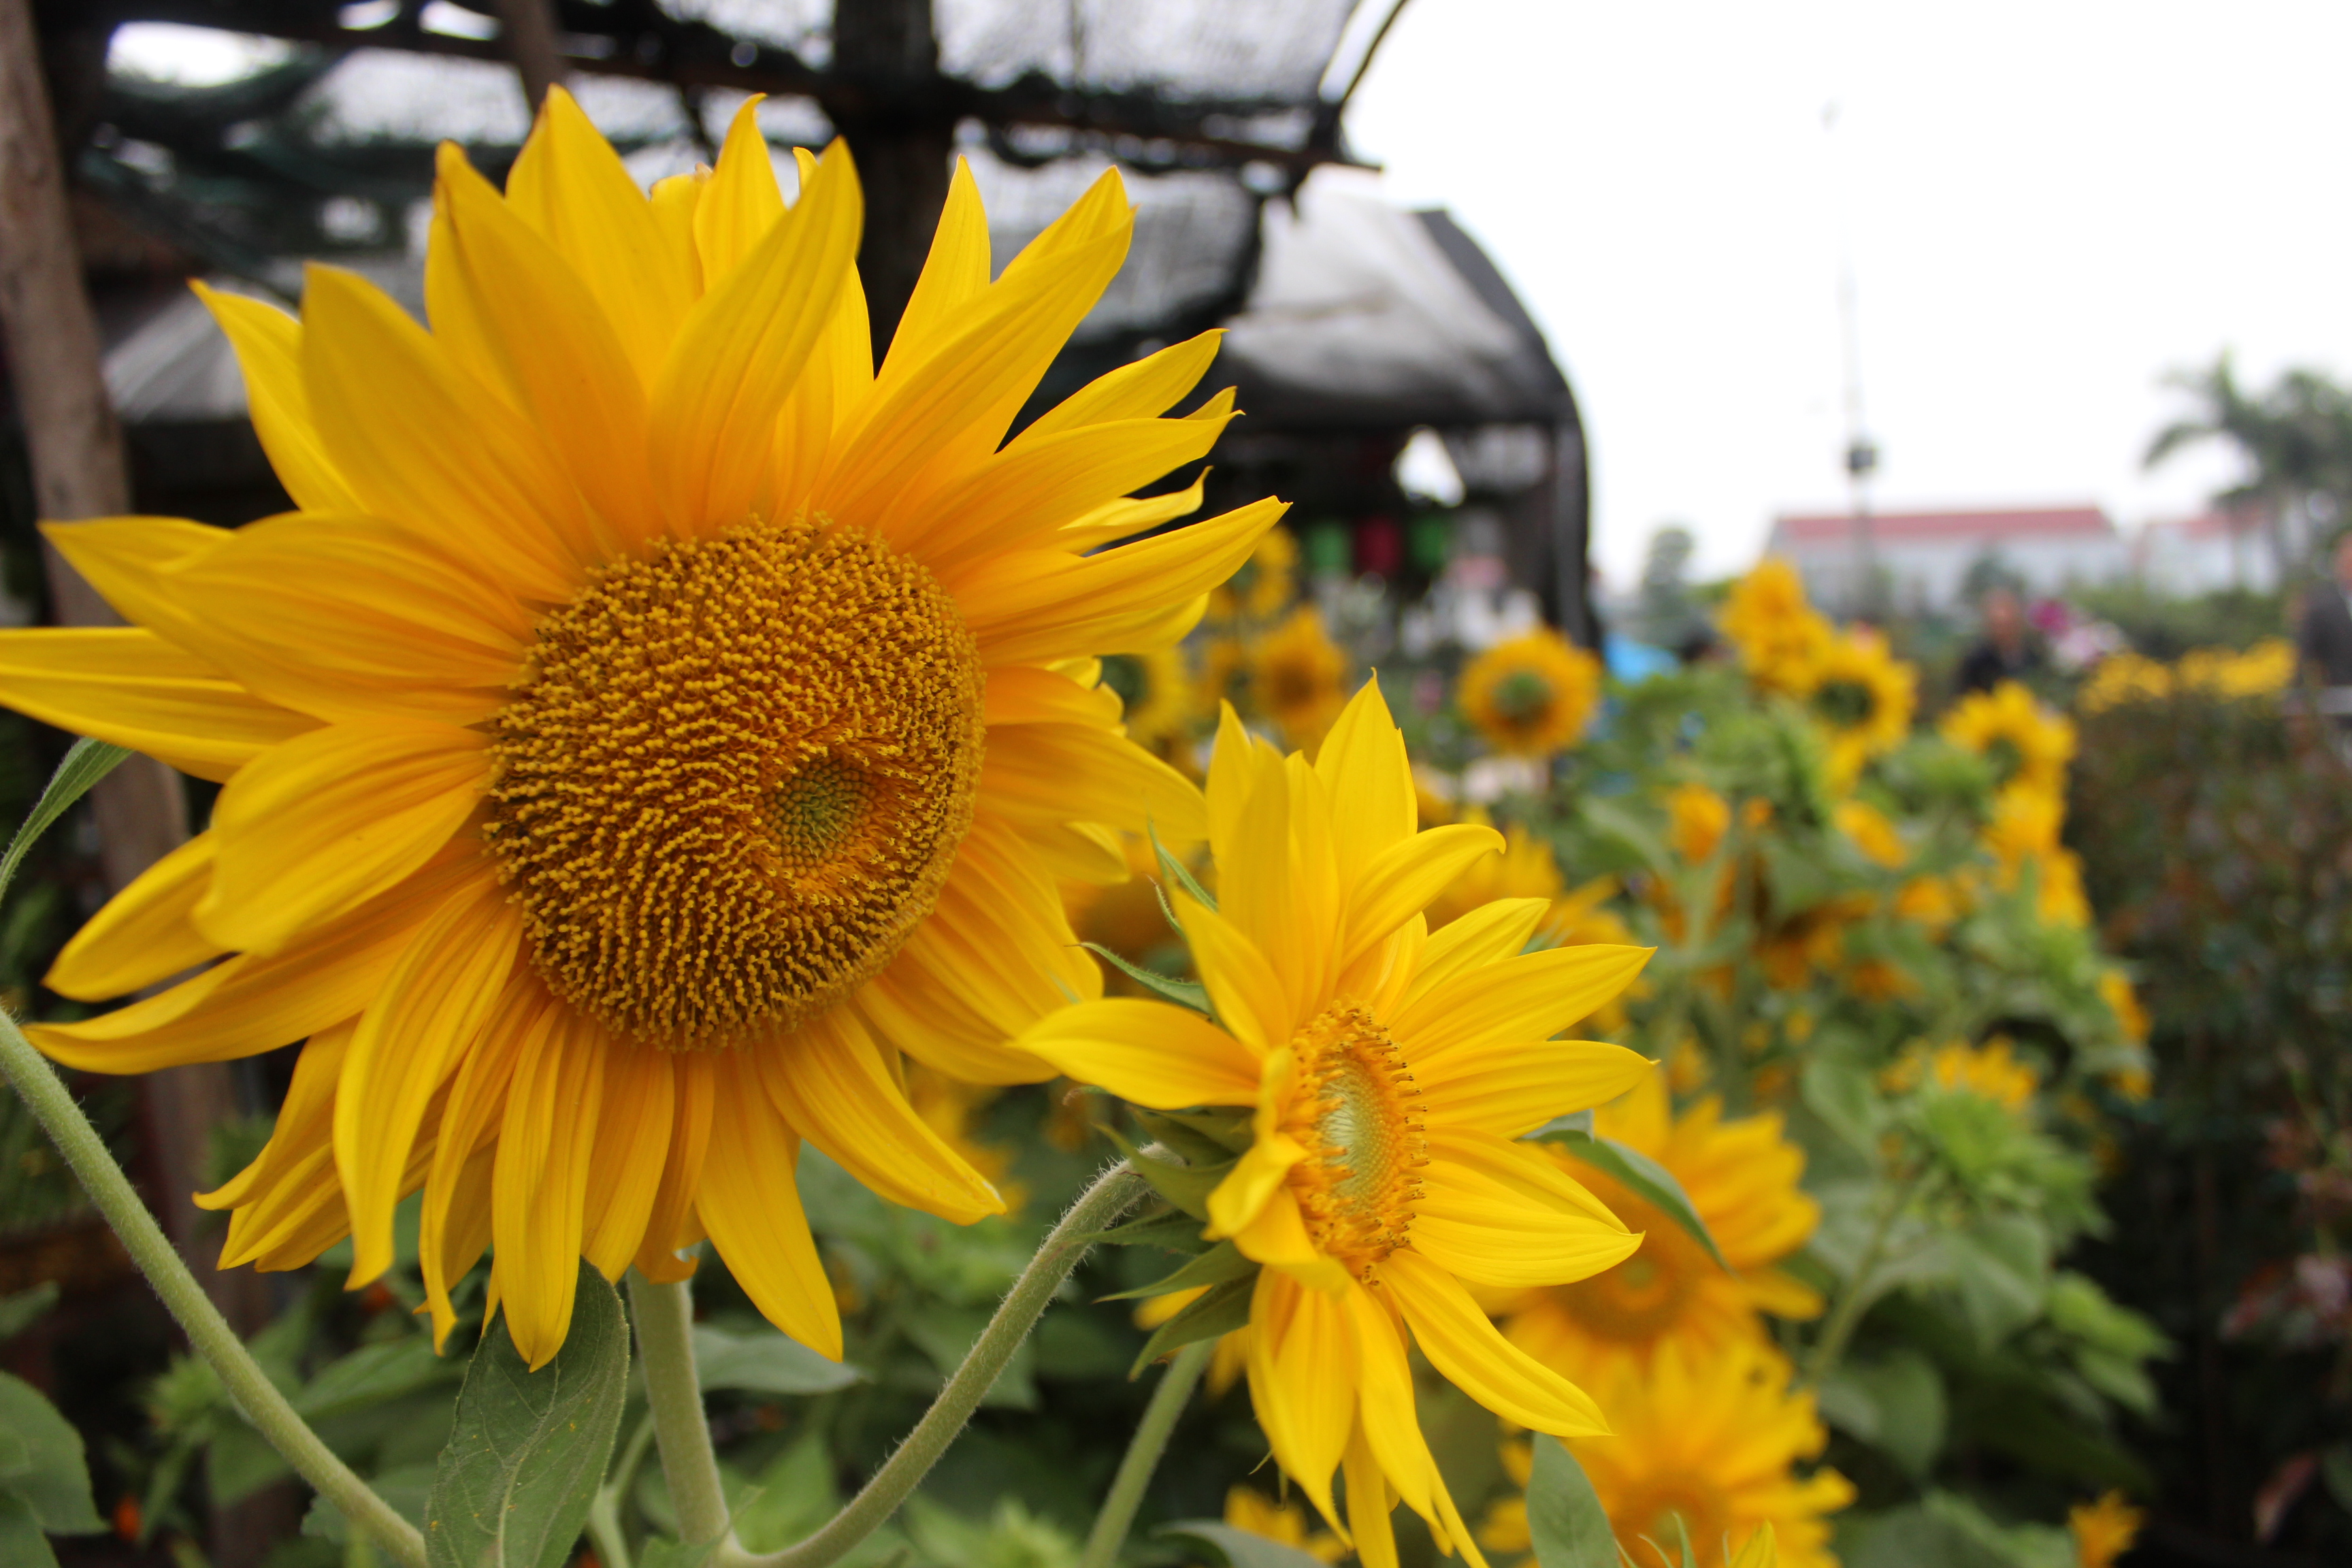 Hoa hướng dương mới xuất hiện trong dịp Tết năm nay có giá 500 ngàn - 800 ngàn đồng